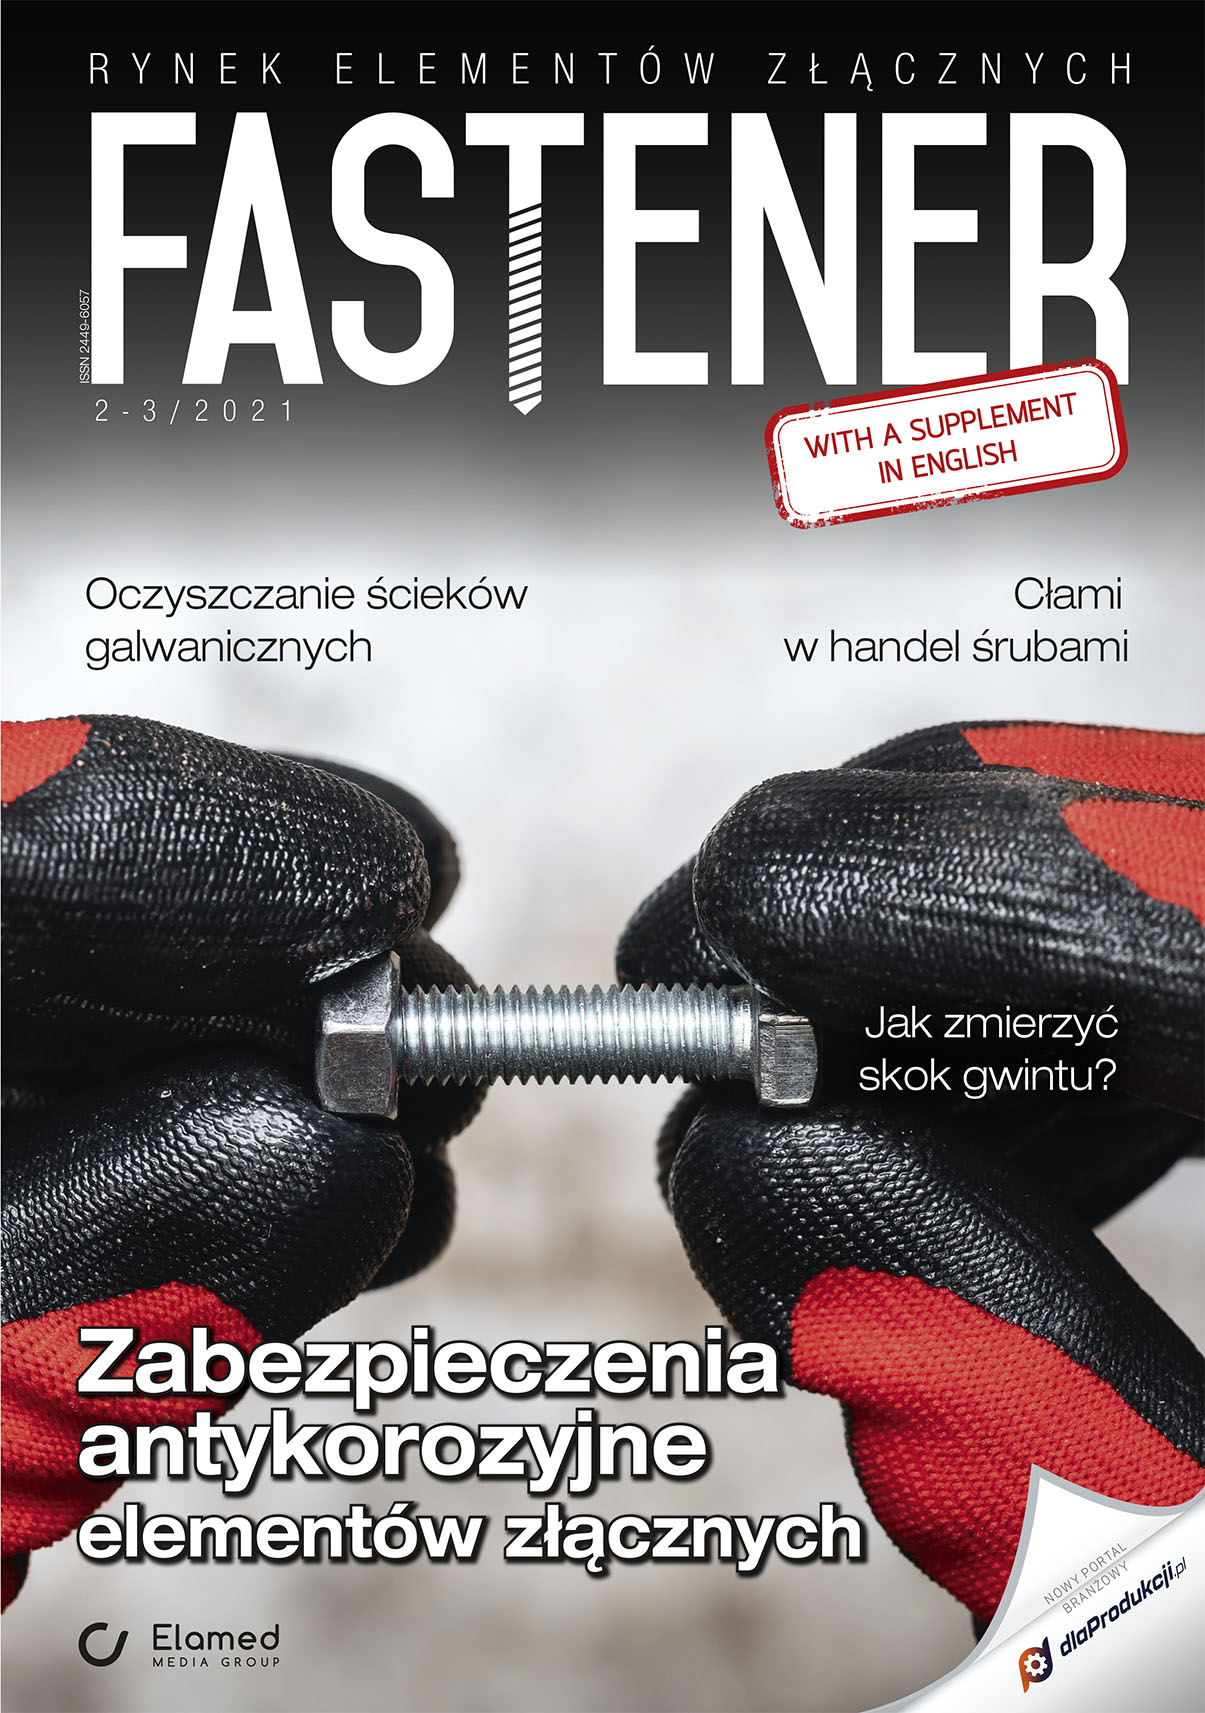 Fastener 2-3/2021